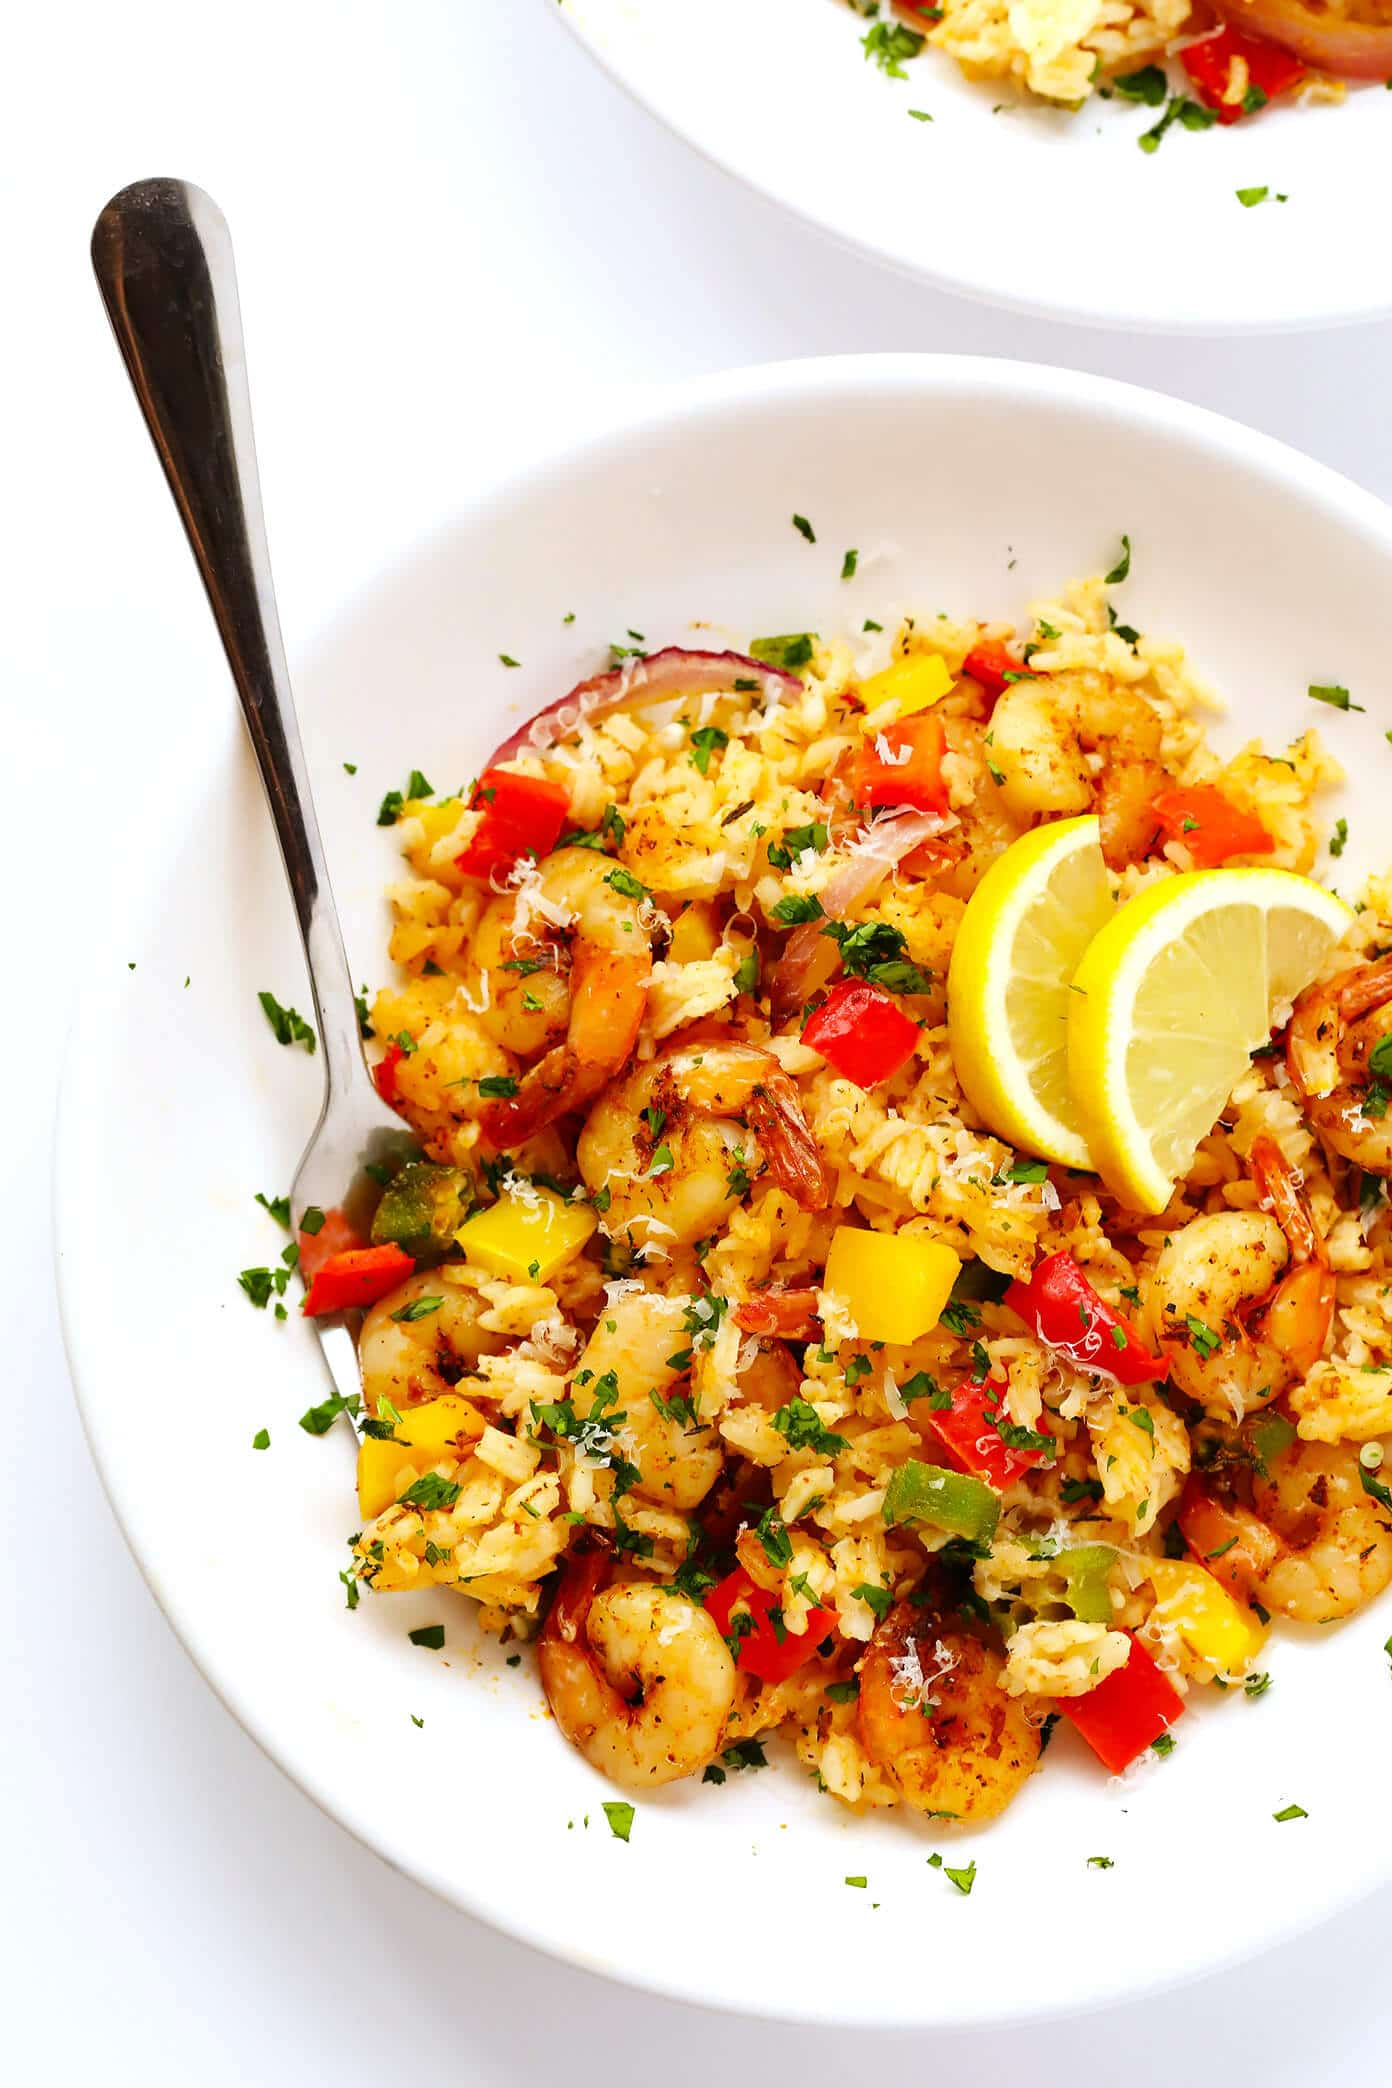 Cajun Shrimp Alfredo Casserole from gimmesomeoven.com on foodiecrush.com